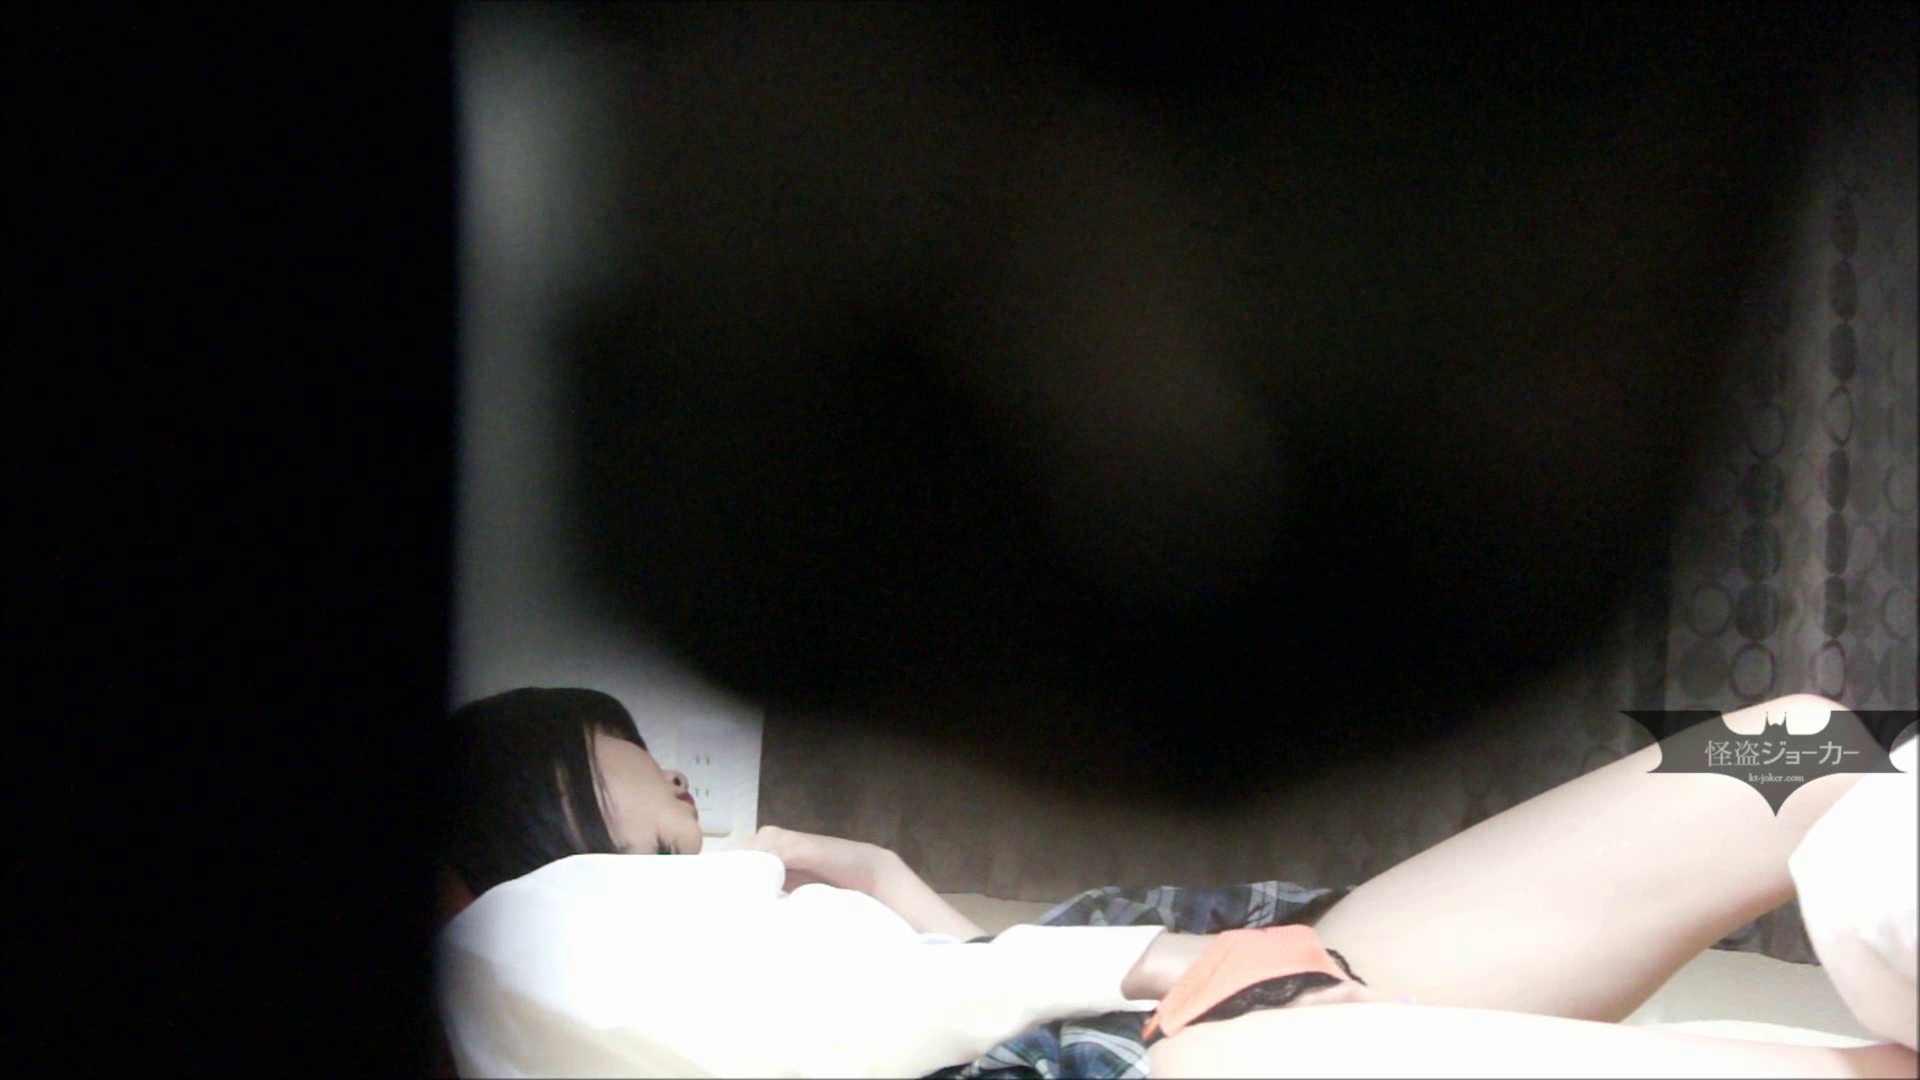 【未公開】vol.54【小春】脱衣所とオナニー隠し撮り 脱衣所   高画質  81画像 51